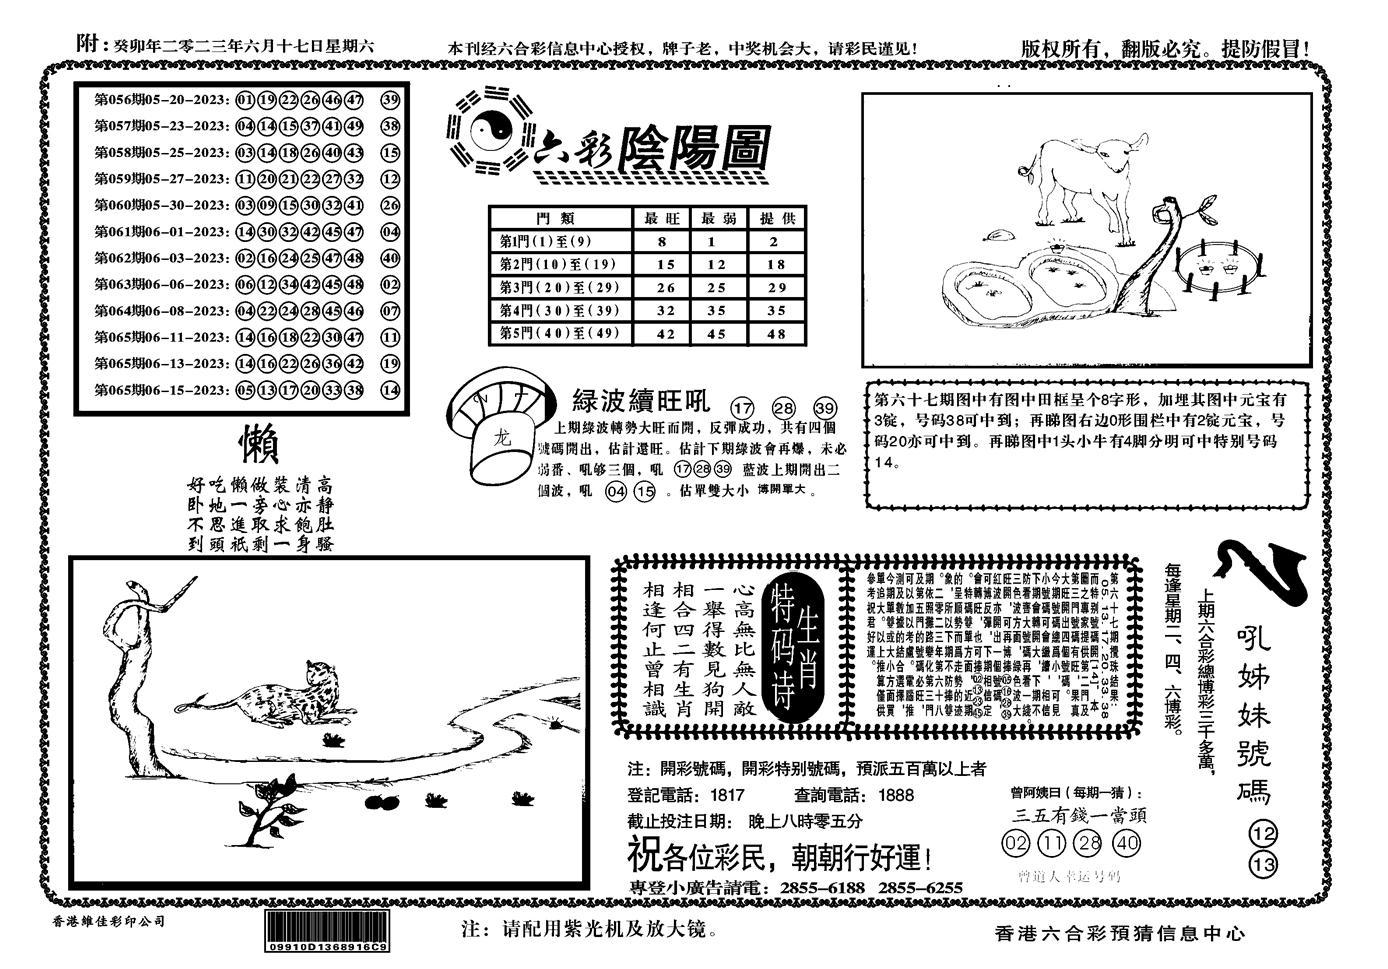 068期六彩阴阳(正版)(黑白)